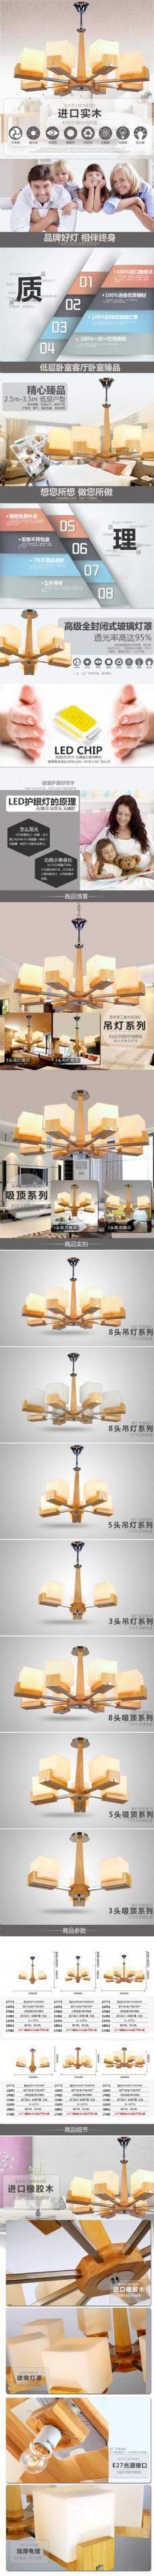 现代中式木灯详情设计